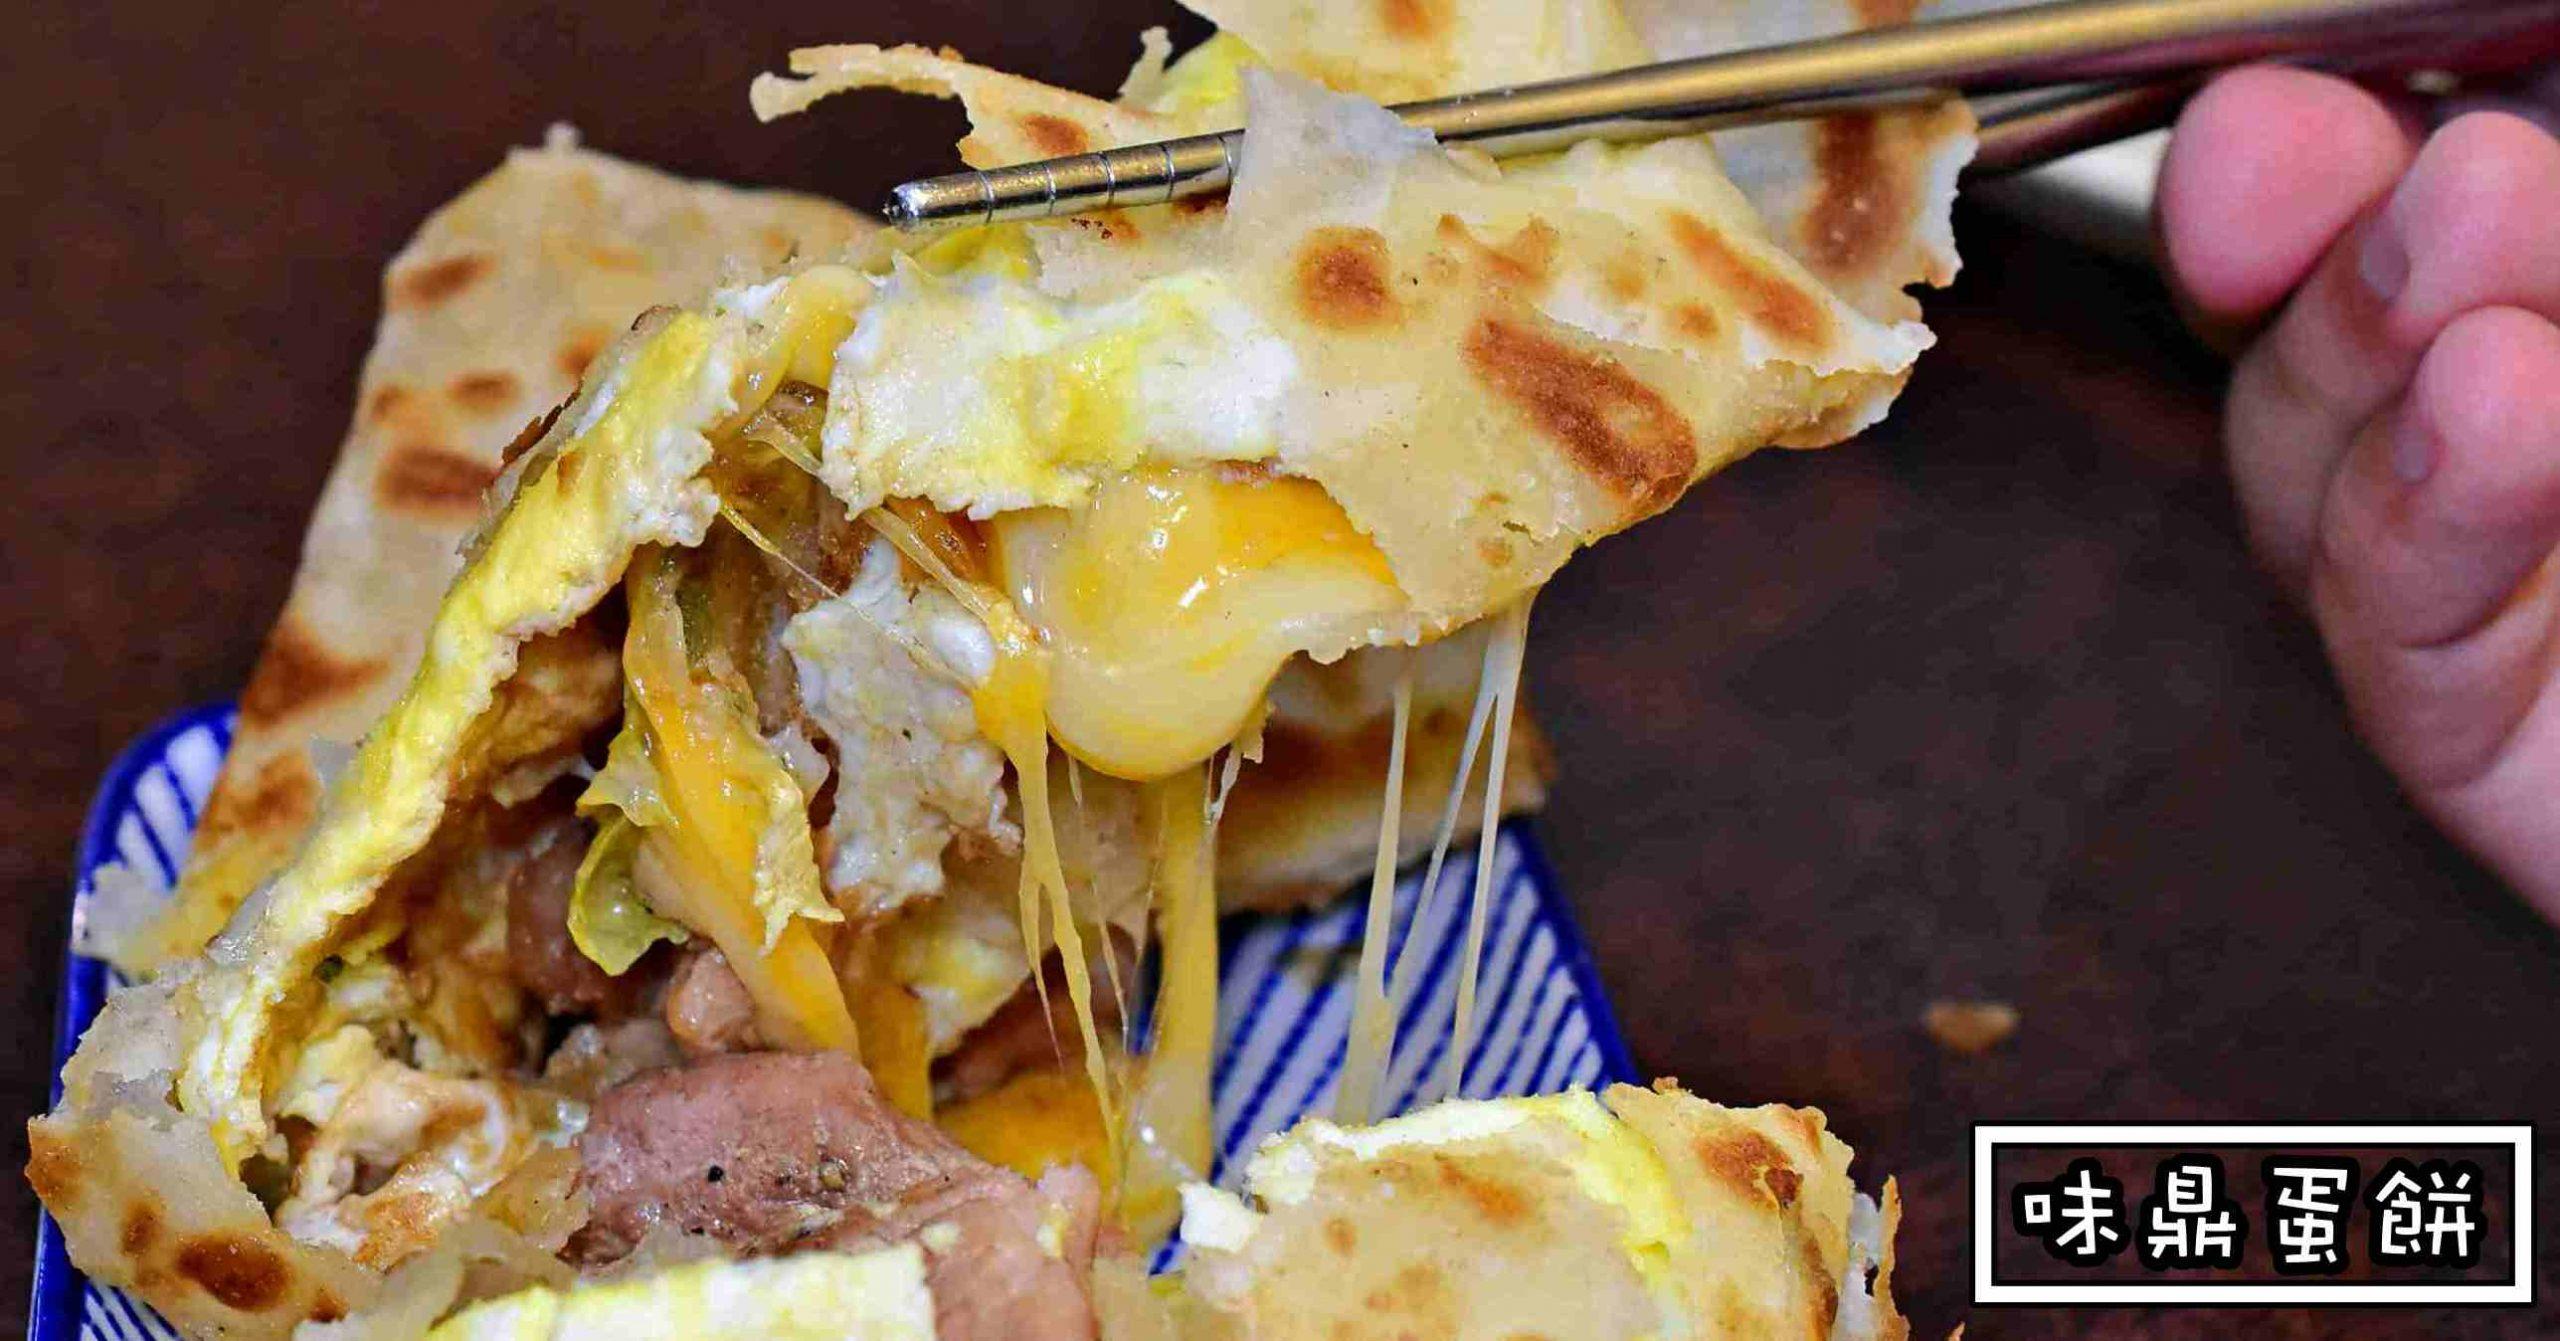 味鼎蛋餅|南京復興早餐推薦-豬排起司蛋餅、漿爆飯糰好吃哪 (菜單價錢)